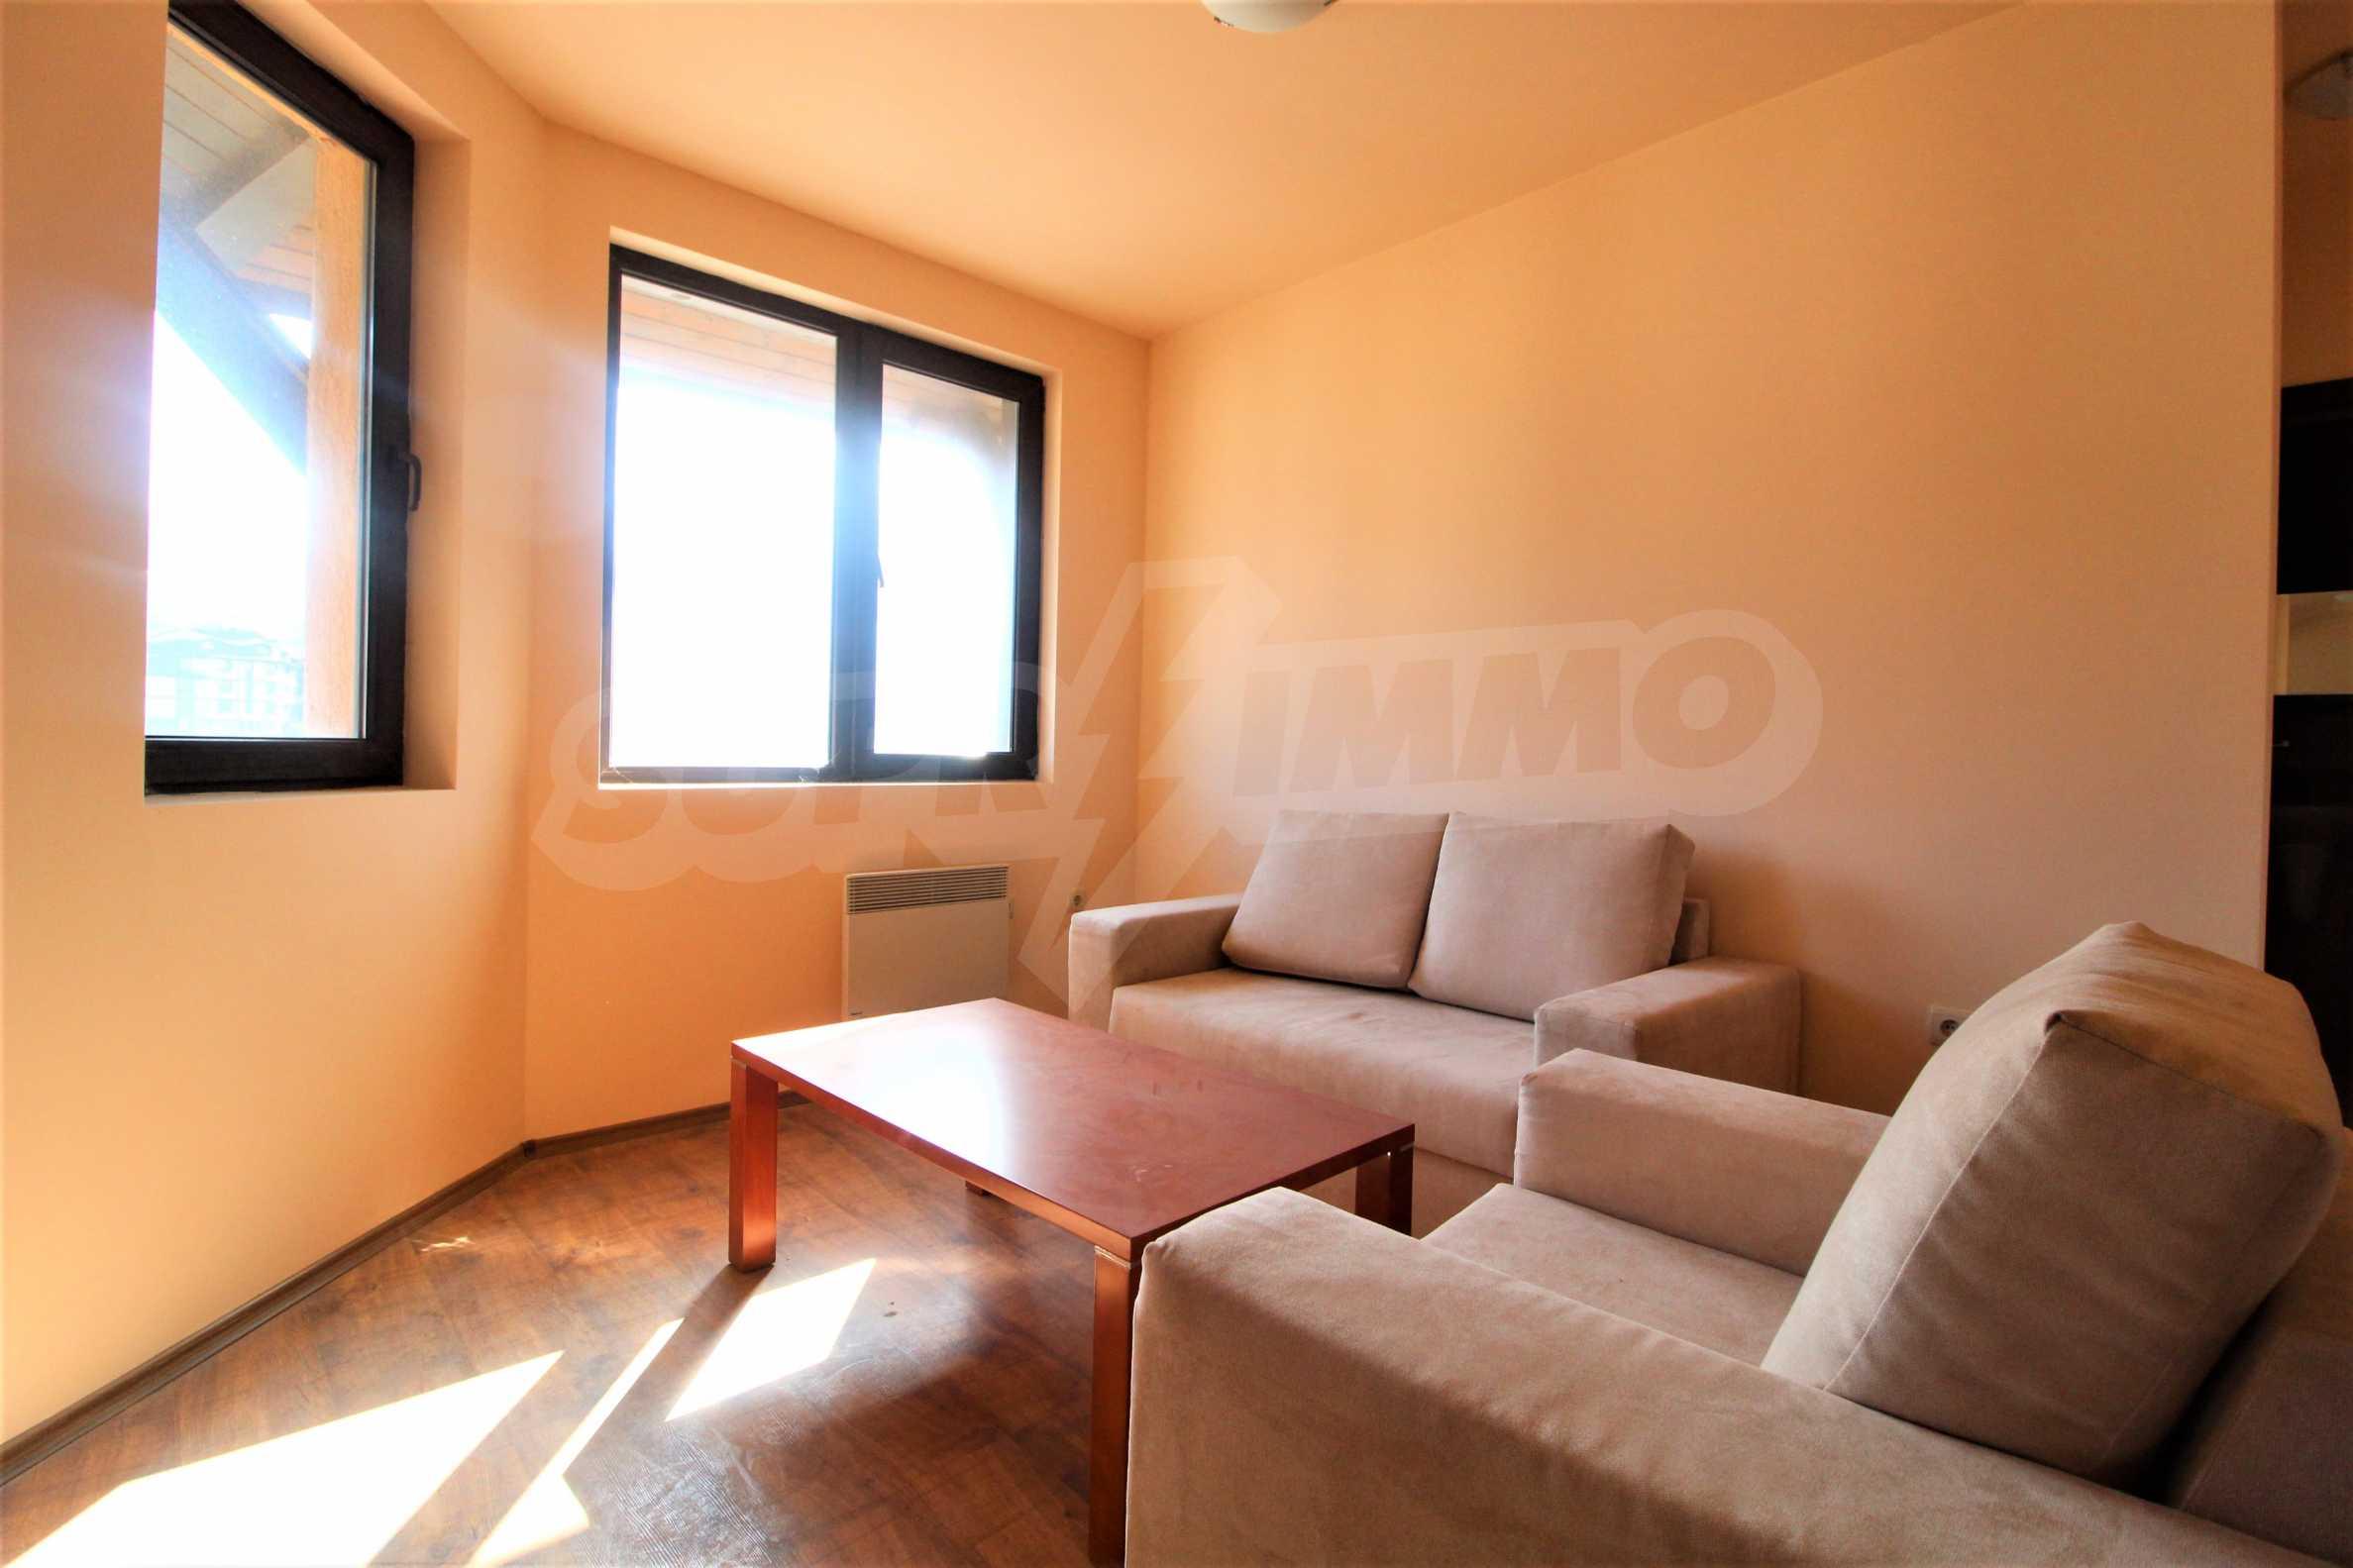 Удобен двустаен апартамент в гр. Банско 1